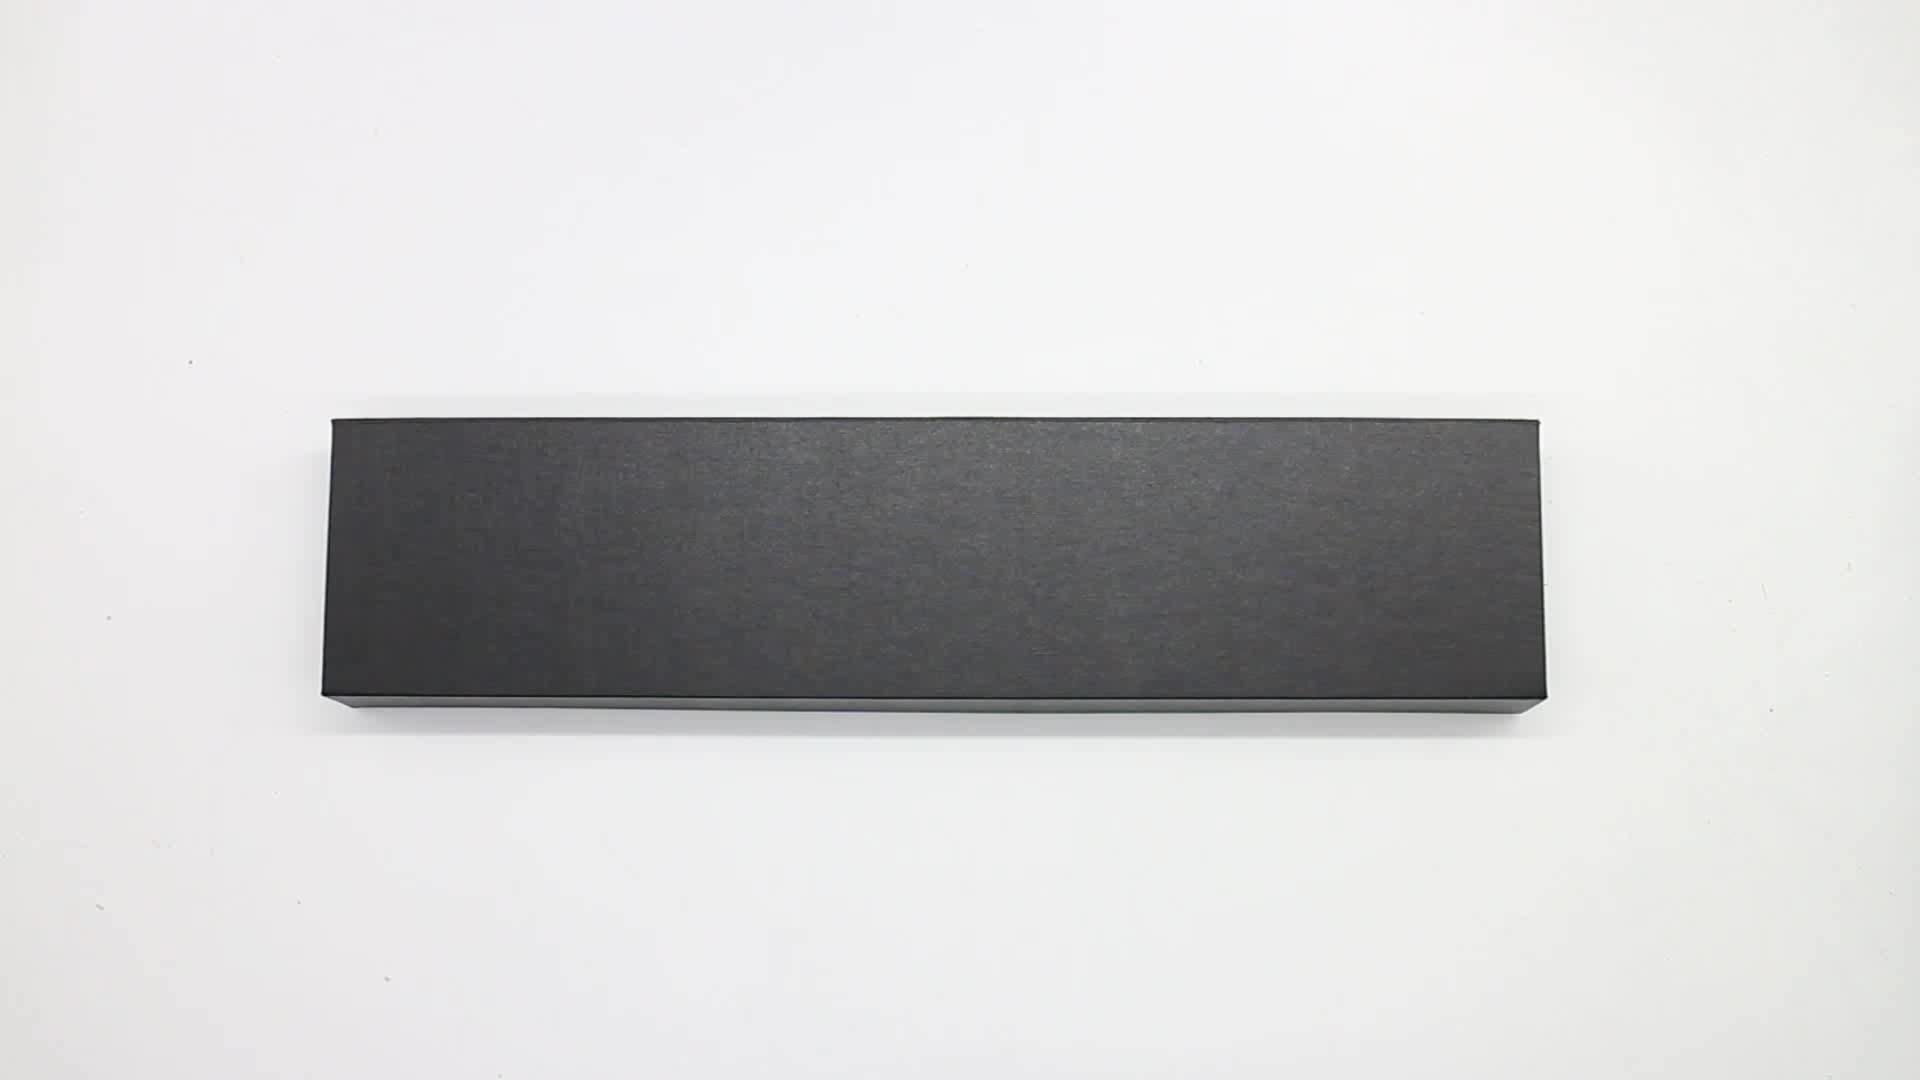 """Профессиональный 8 """"Нож для нарезки японский дамасской стали VG10 разделочный нож кухонные принадлежности"""